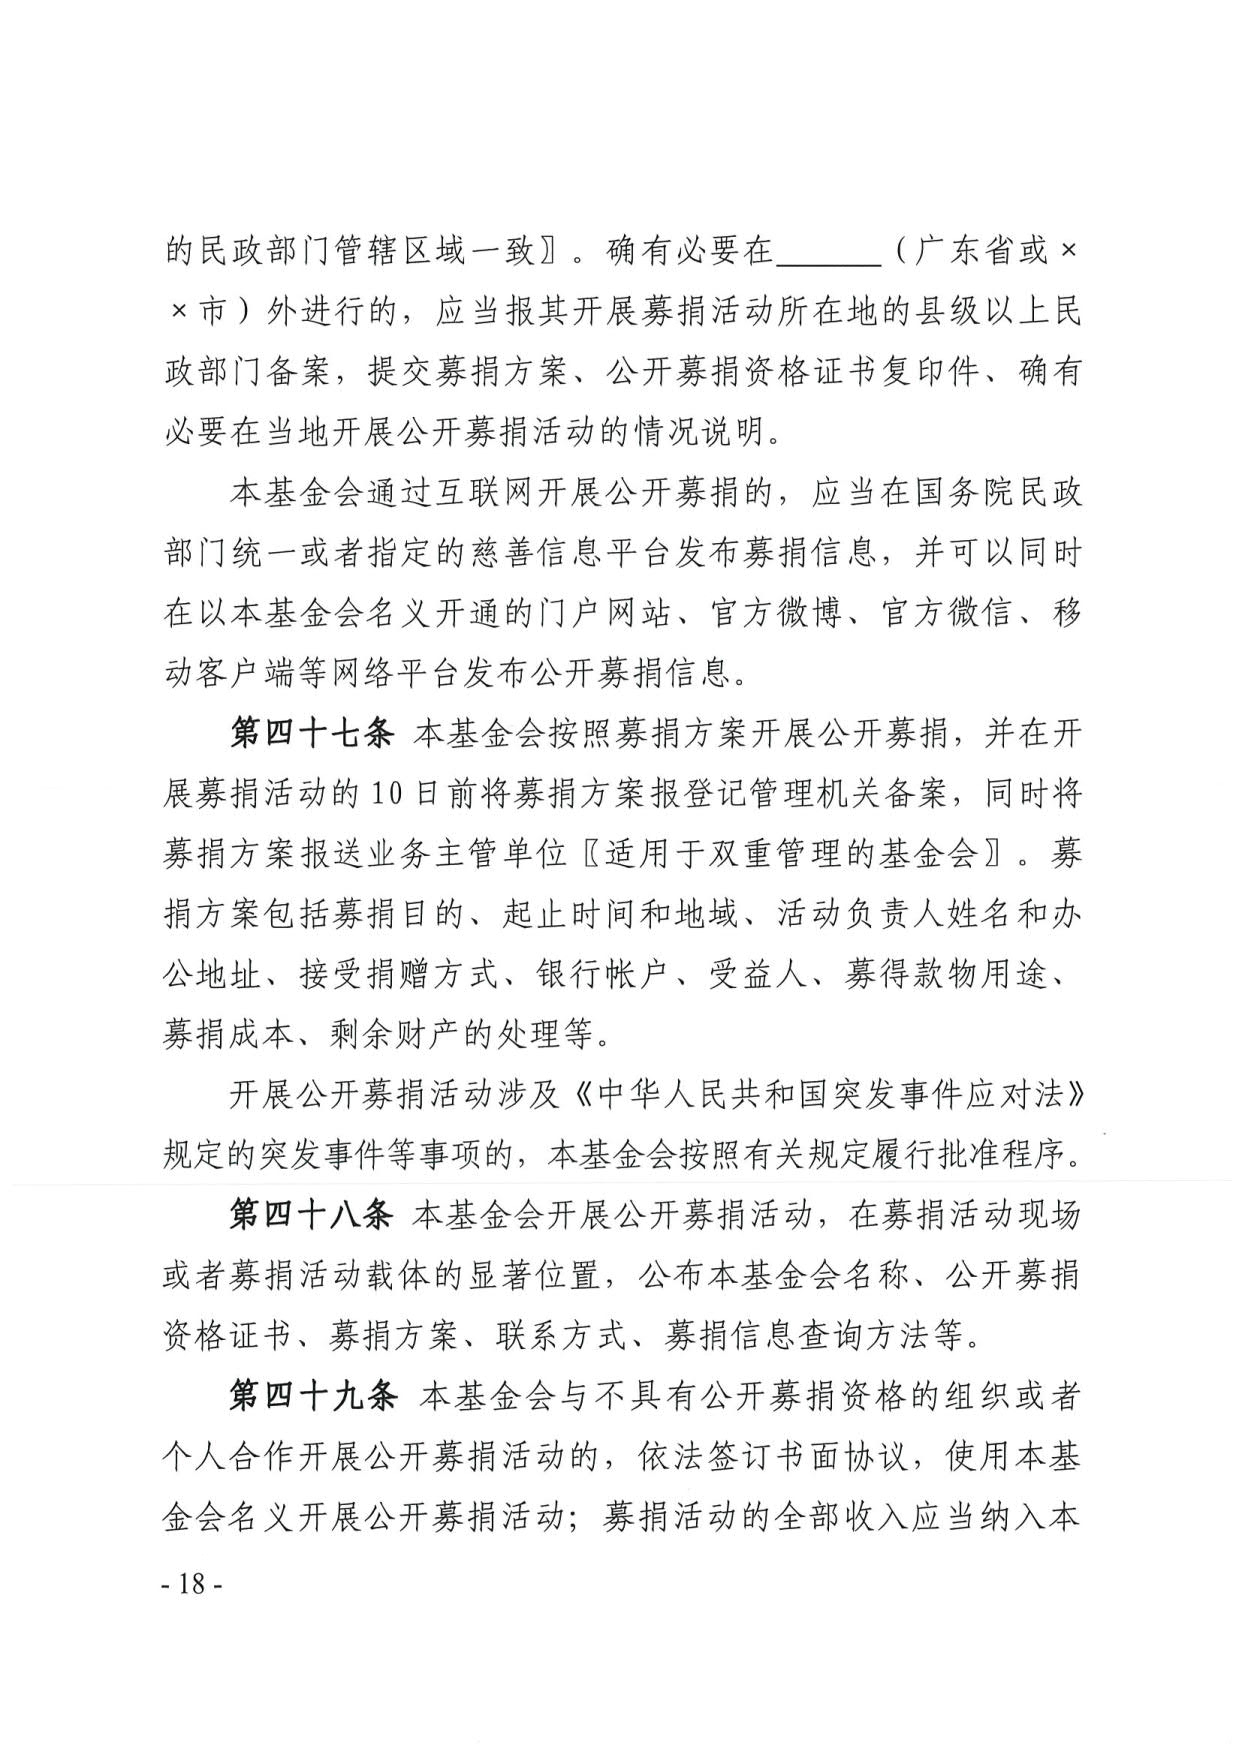 广东省民政厅关于印发《广东省基金会章程示范文本》的通知(4)_18.jpg